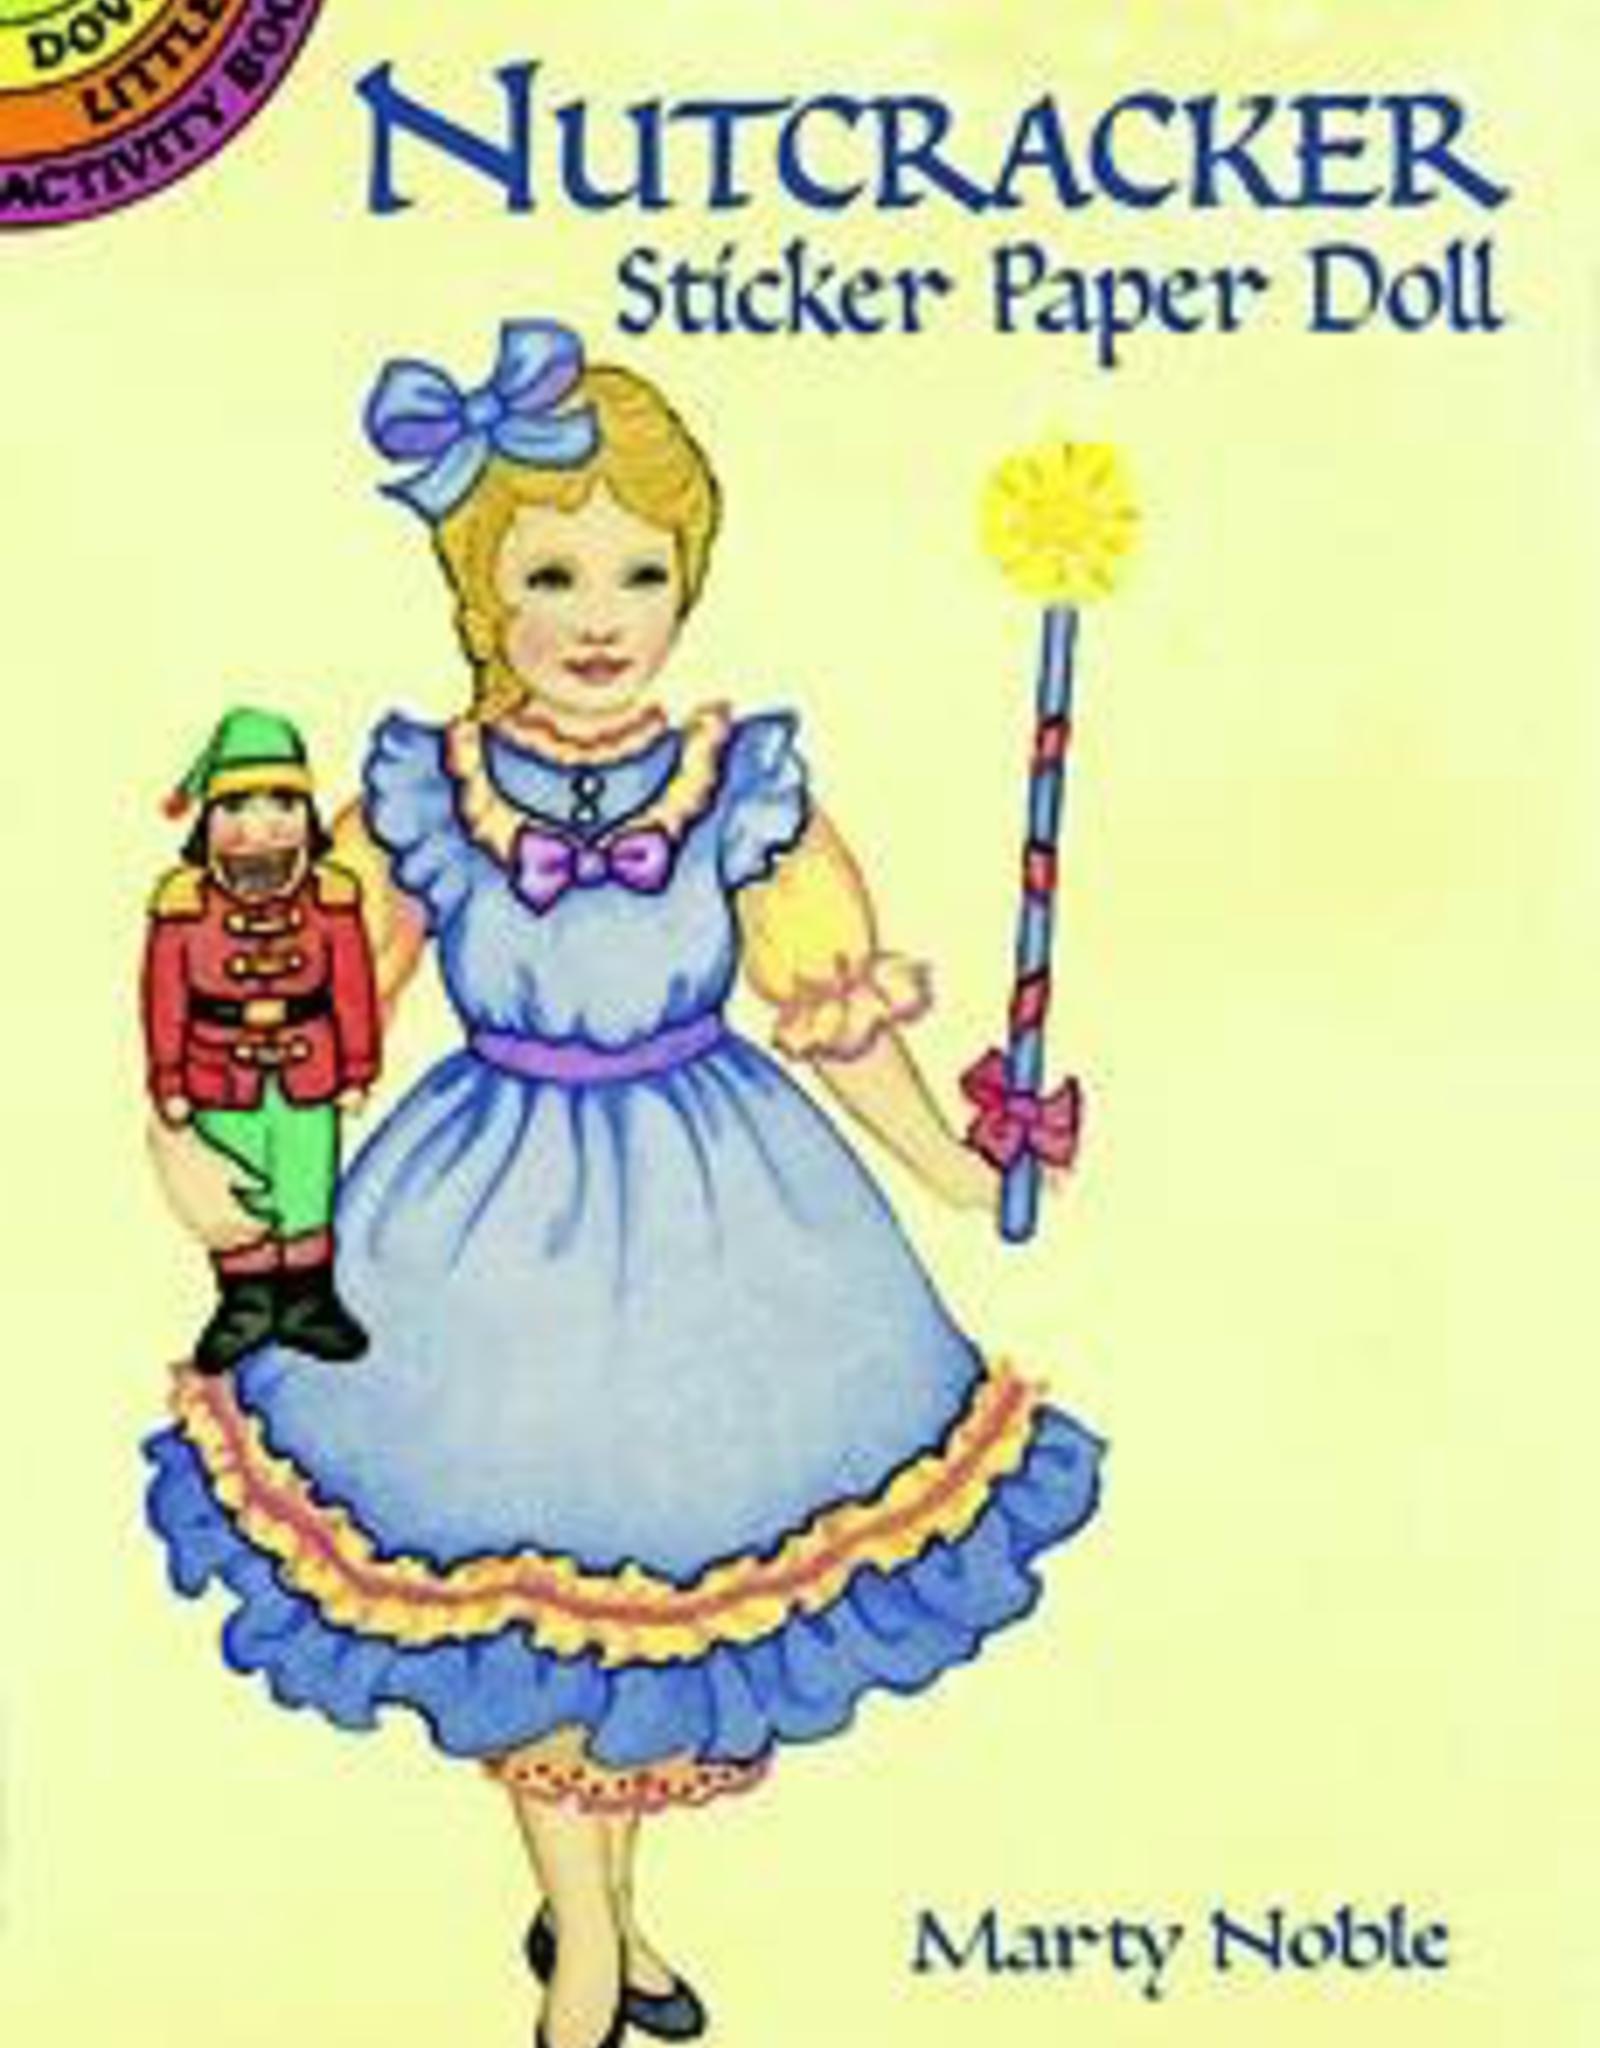 Dover Nutcracker Sticker Paper Doll